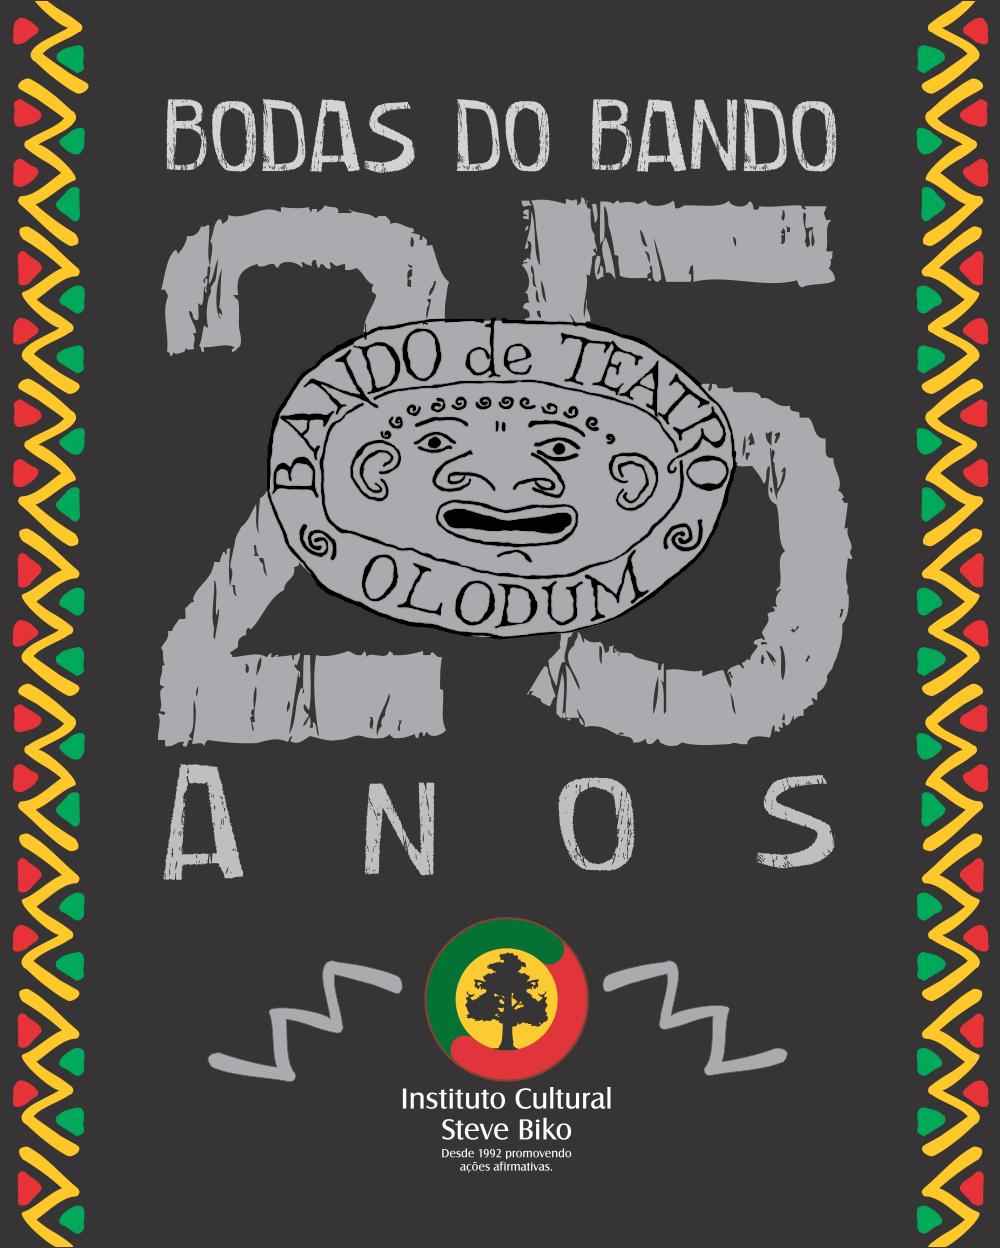 Bando_25anos.png